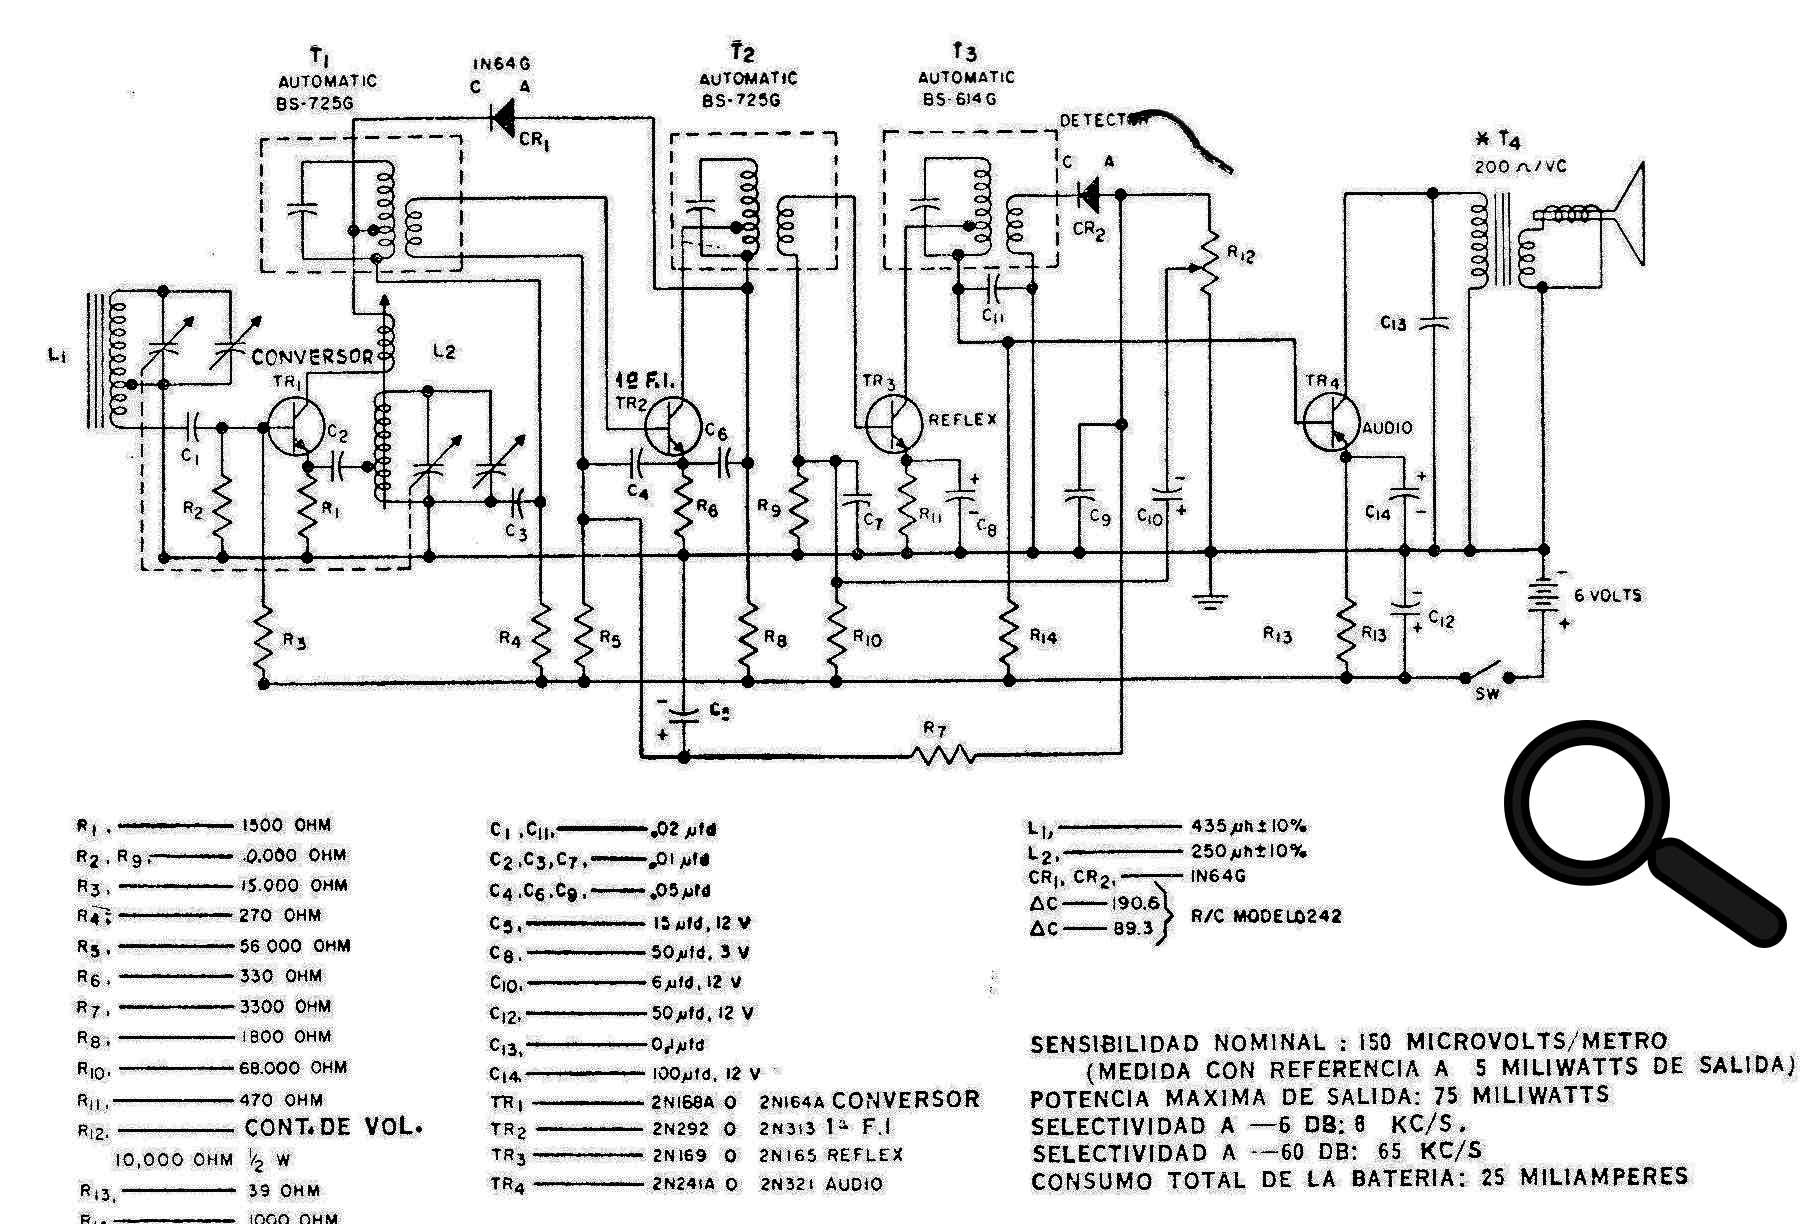 Superheteredyne Mw Receiver Cb962e